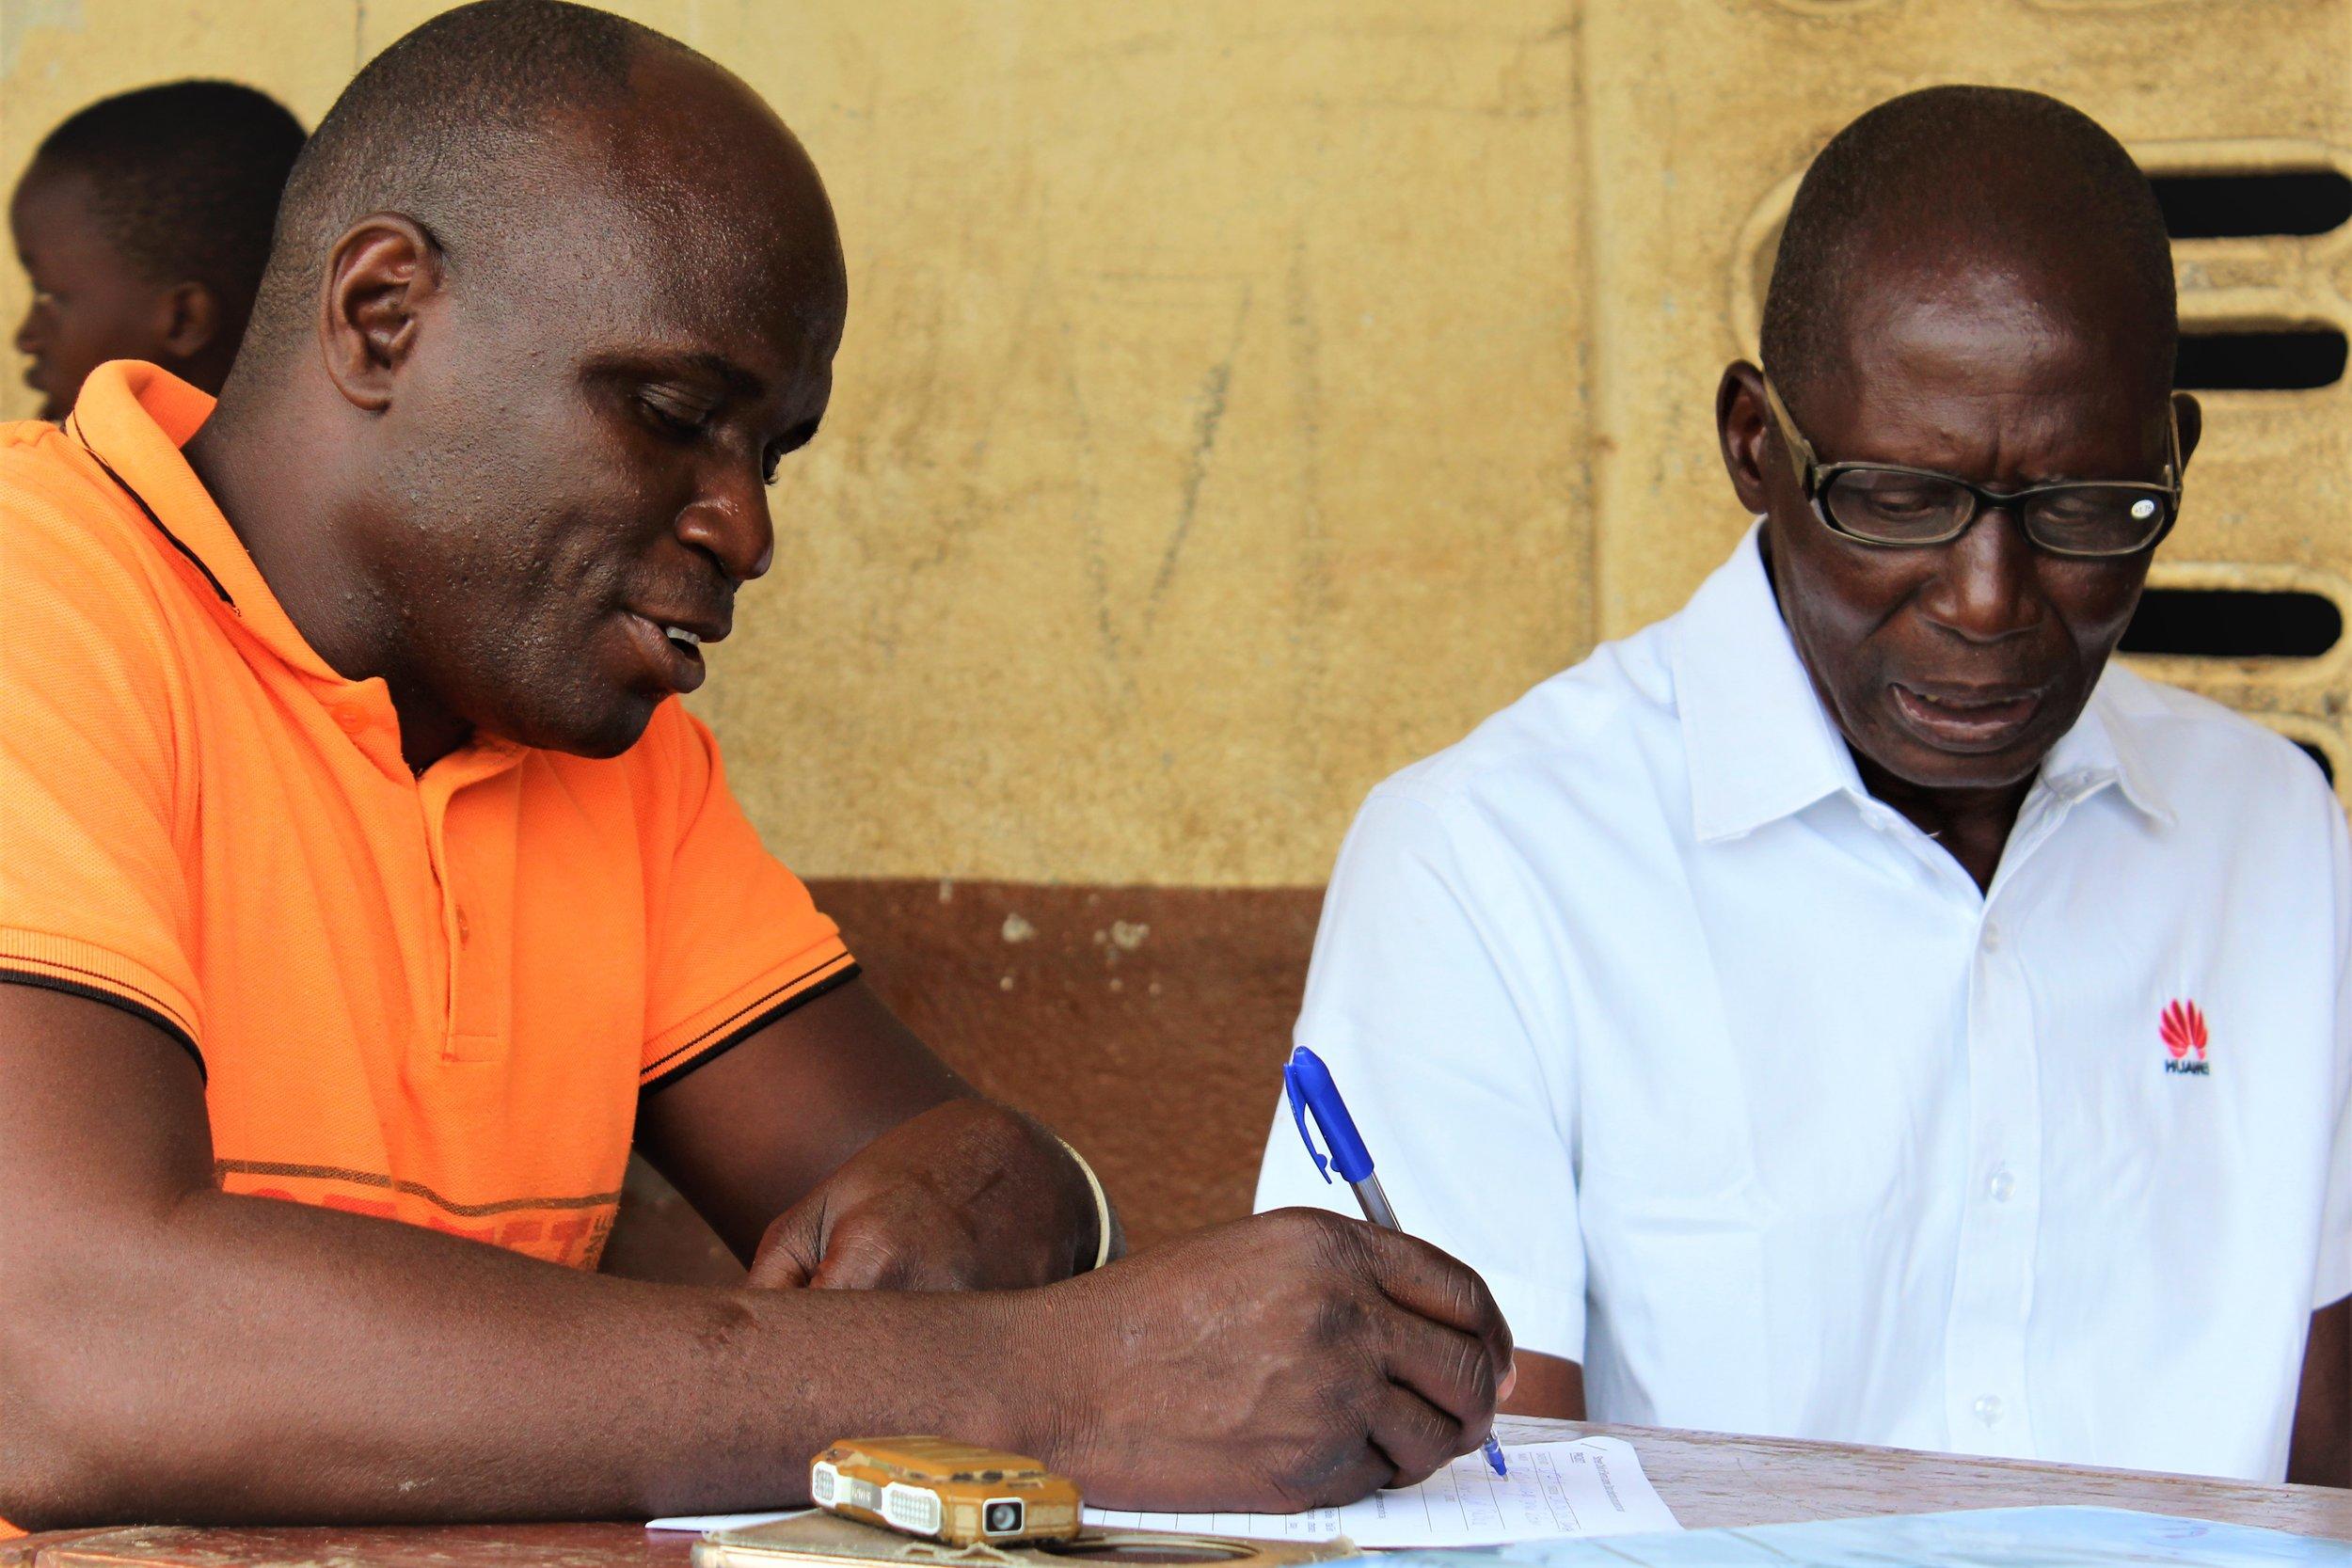 Onderzoek onderwijs in Sierra Leone